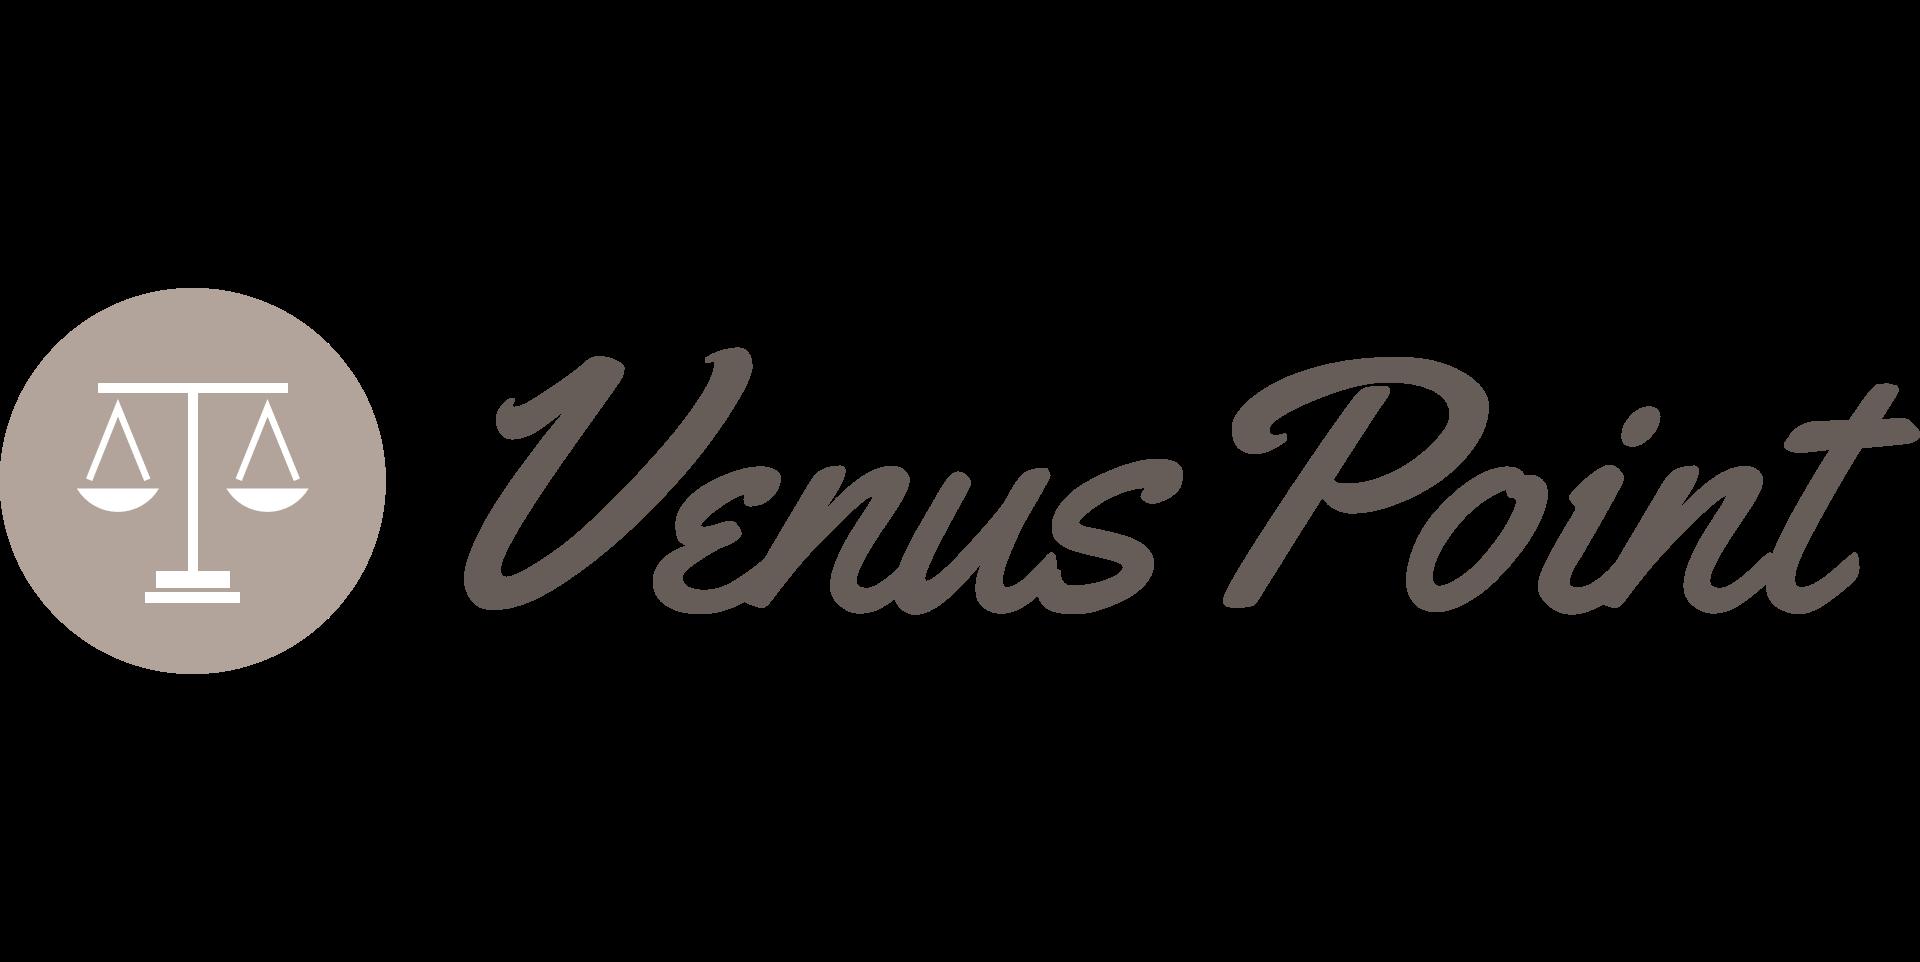 ヴィーナスポイントロゴ